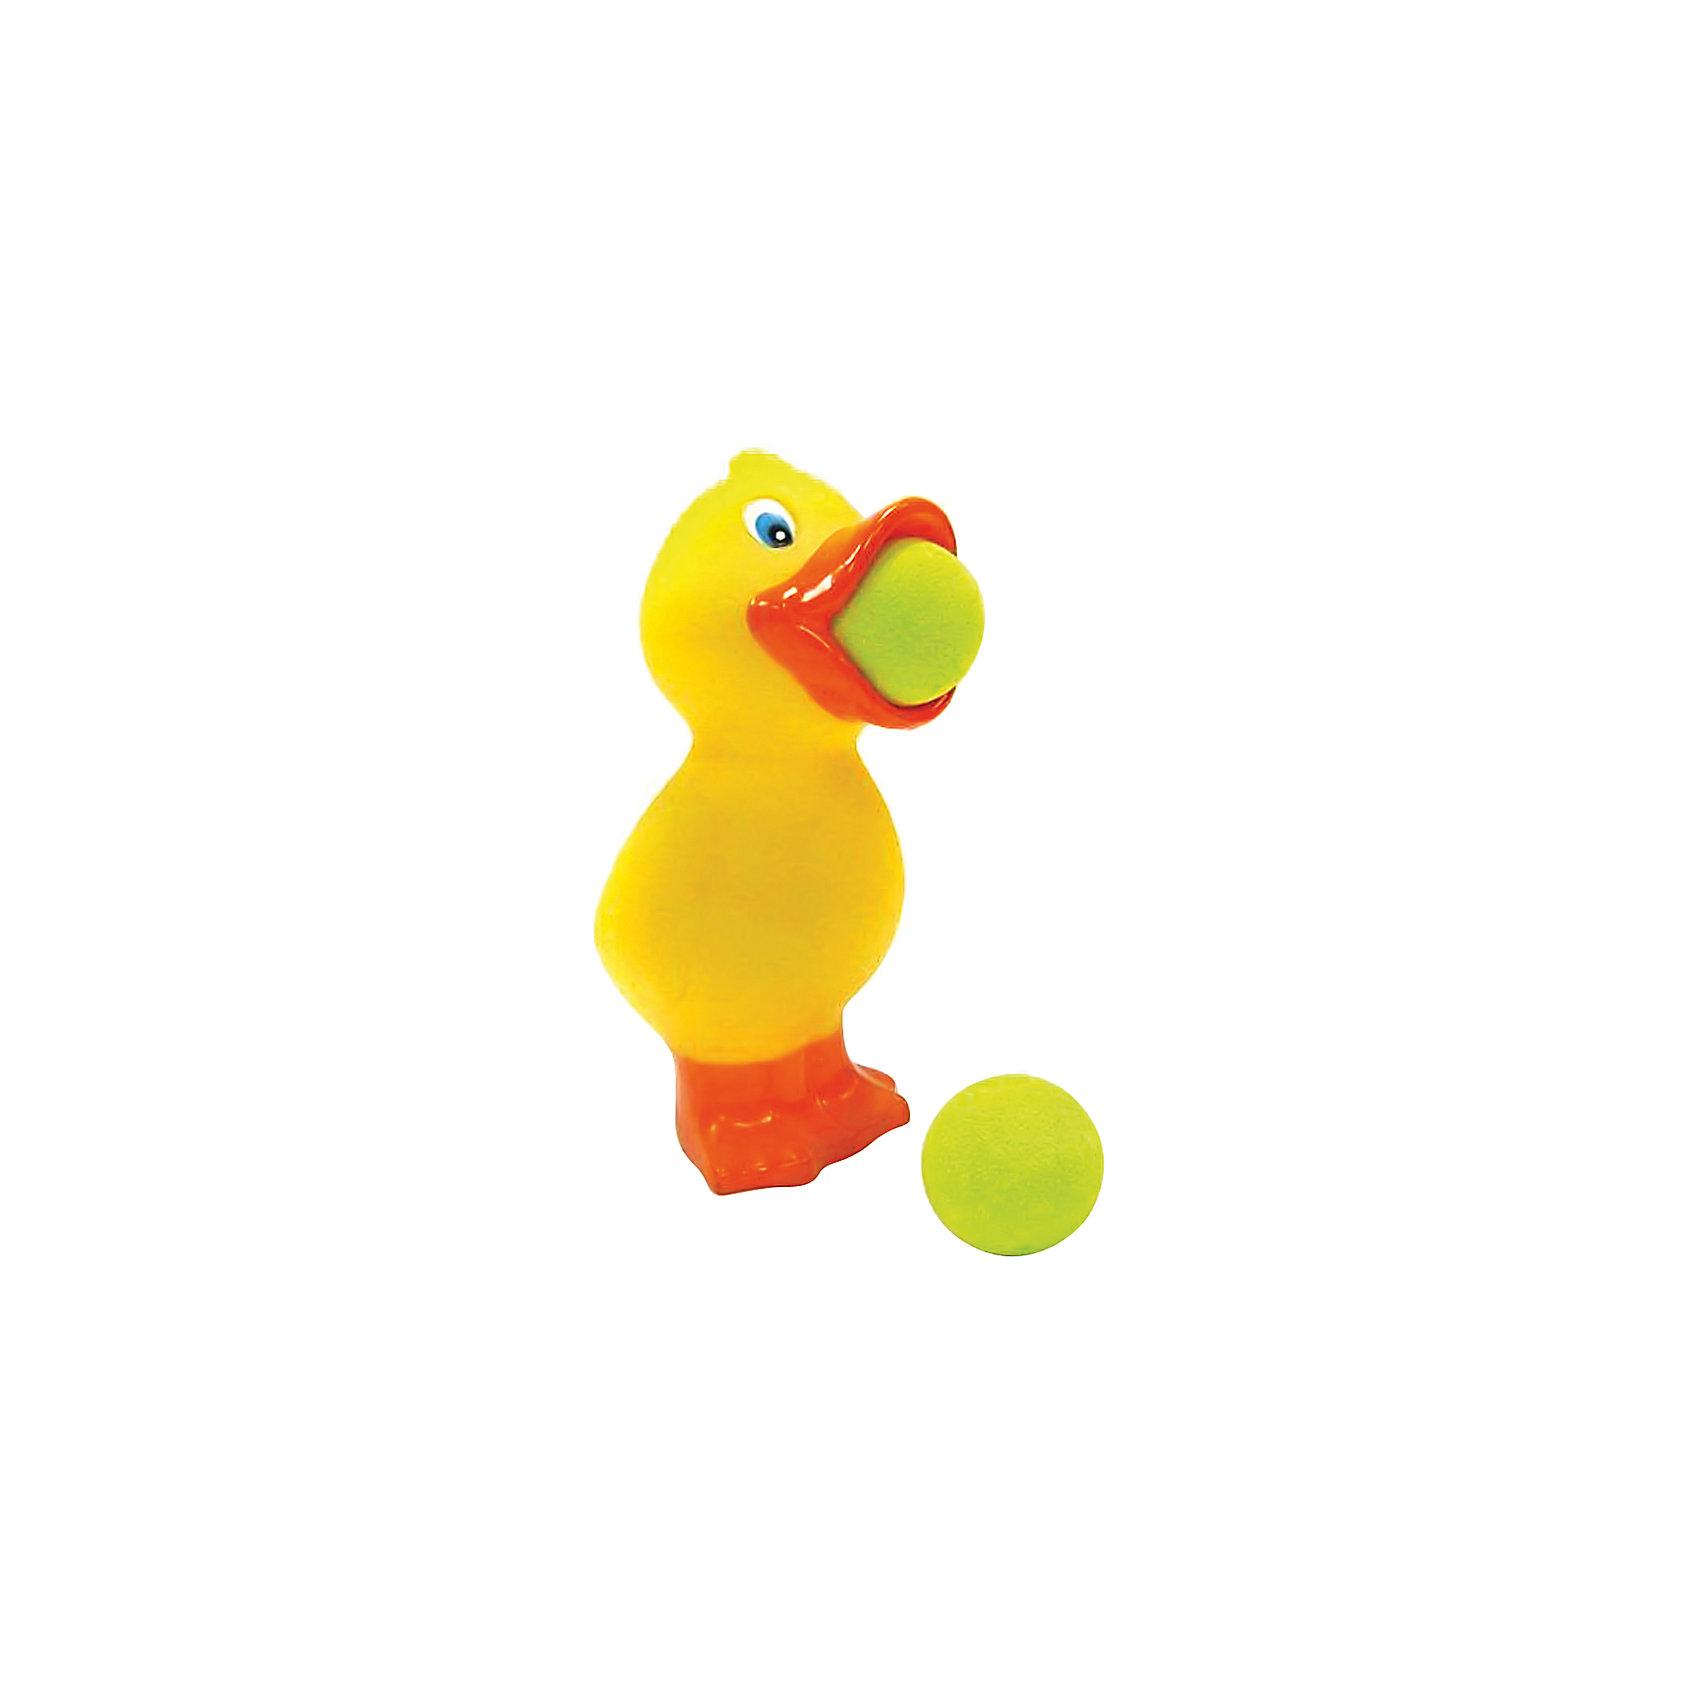 Игрушка для ванной Веселый утенок, ЖирафикиИгрушки ПВХ<br>Купание в ванной любят далеко не все малыши. И это оправдано. Многие из них боятся воды, которая попадает в глазки и ушки, а многие не любят, потому что им просто скучно купаться. Исправить последнее поможет игрушка для ванной, которая займет малыша во время купания. Игрушка изготовлена из пластика, поэтому не утонет даже при активной игре! Материалы, использованные при изготовлении товара, абсолютно безопасны и отвечают всем международным требованиям по качеству.<br><br>Дополнительные характеристики:<br><br>материал: пластик;<br>цвет: разноцветный.<br><br>Игрушку для ванной Веселый утенок от компании Жирафики можно приобрести в нашем магазине.<br><br>Ширина мм: 740<br>Глубина мм: 241<br>Высота мм: 165<br>Вес г: 158<br>Возраст от месяцев: 12<br>Возраст до месяцев: 60<br>Пол: Унисекс<br>Возраст: Детский<br>SKU: 5032532